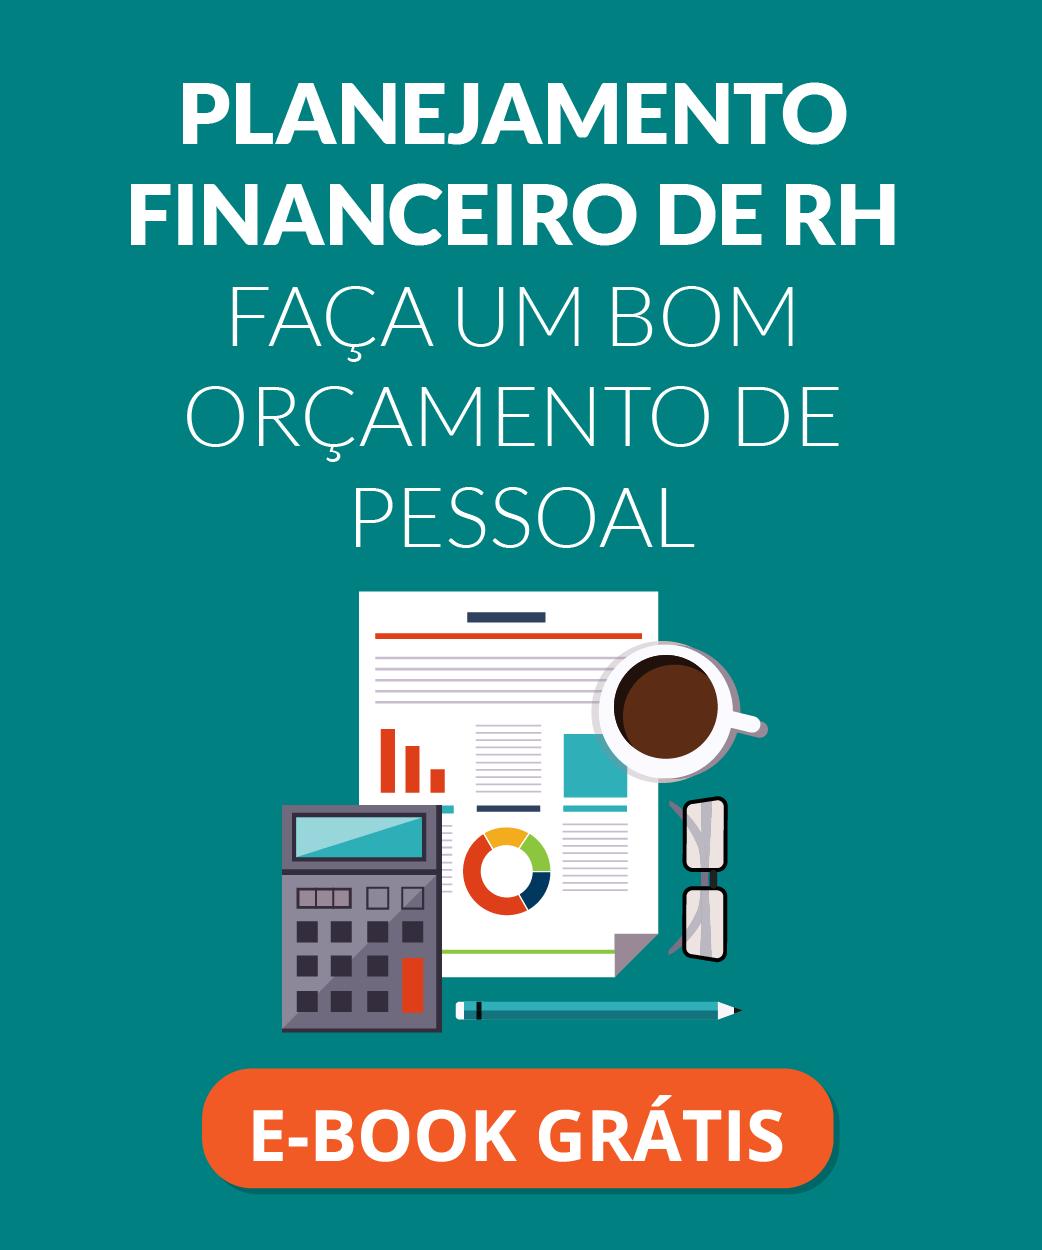 planejamento financeiro de RH